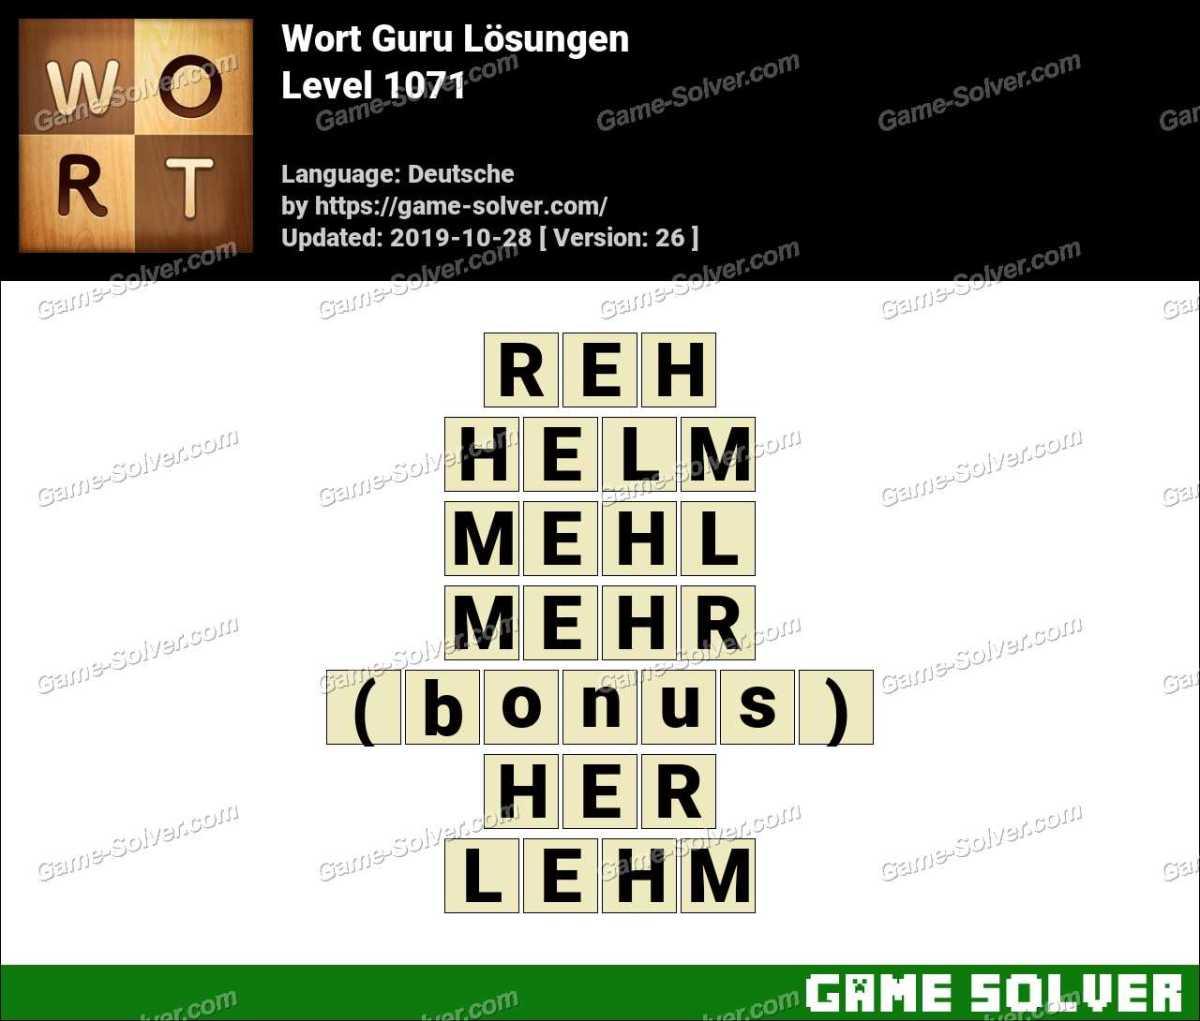 Wort Guru Level 1071 Lösungen